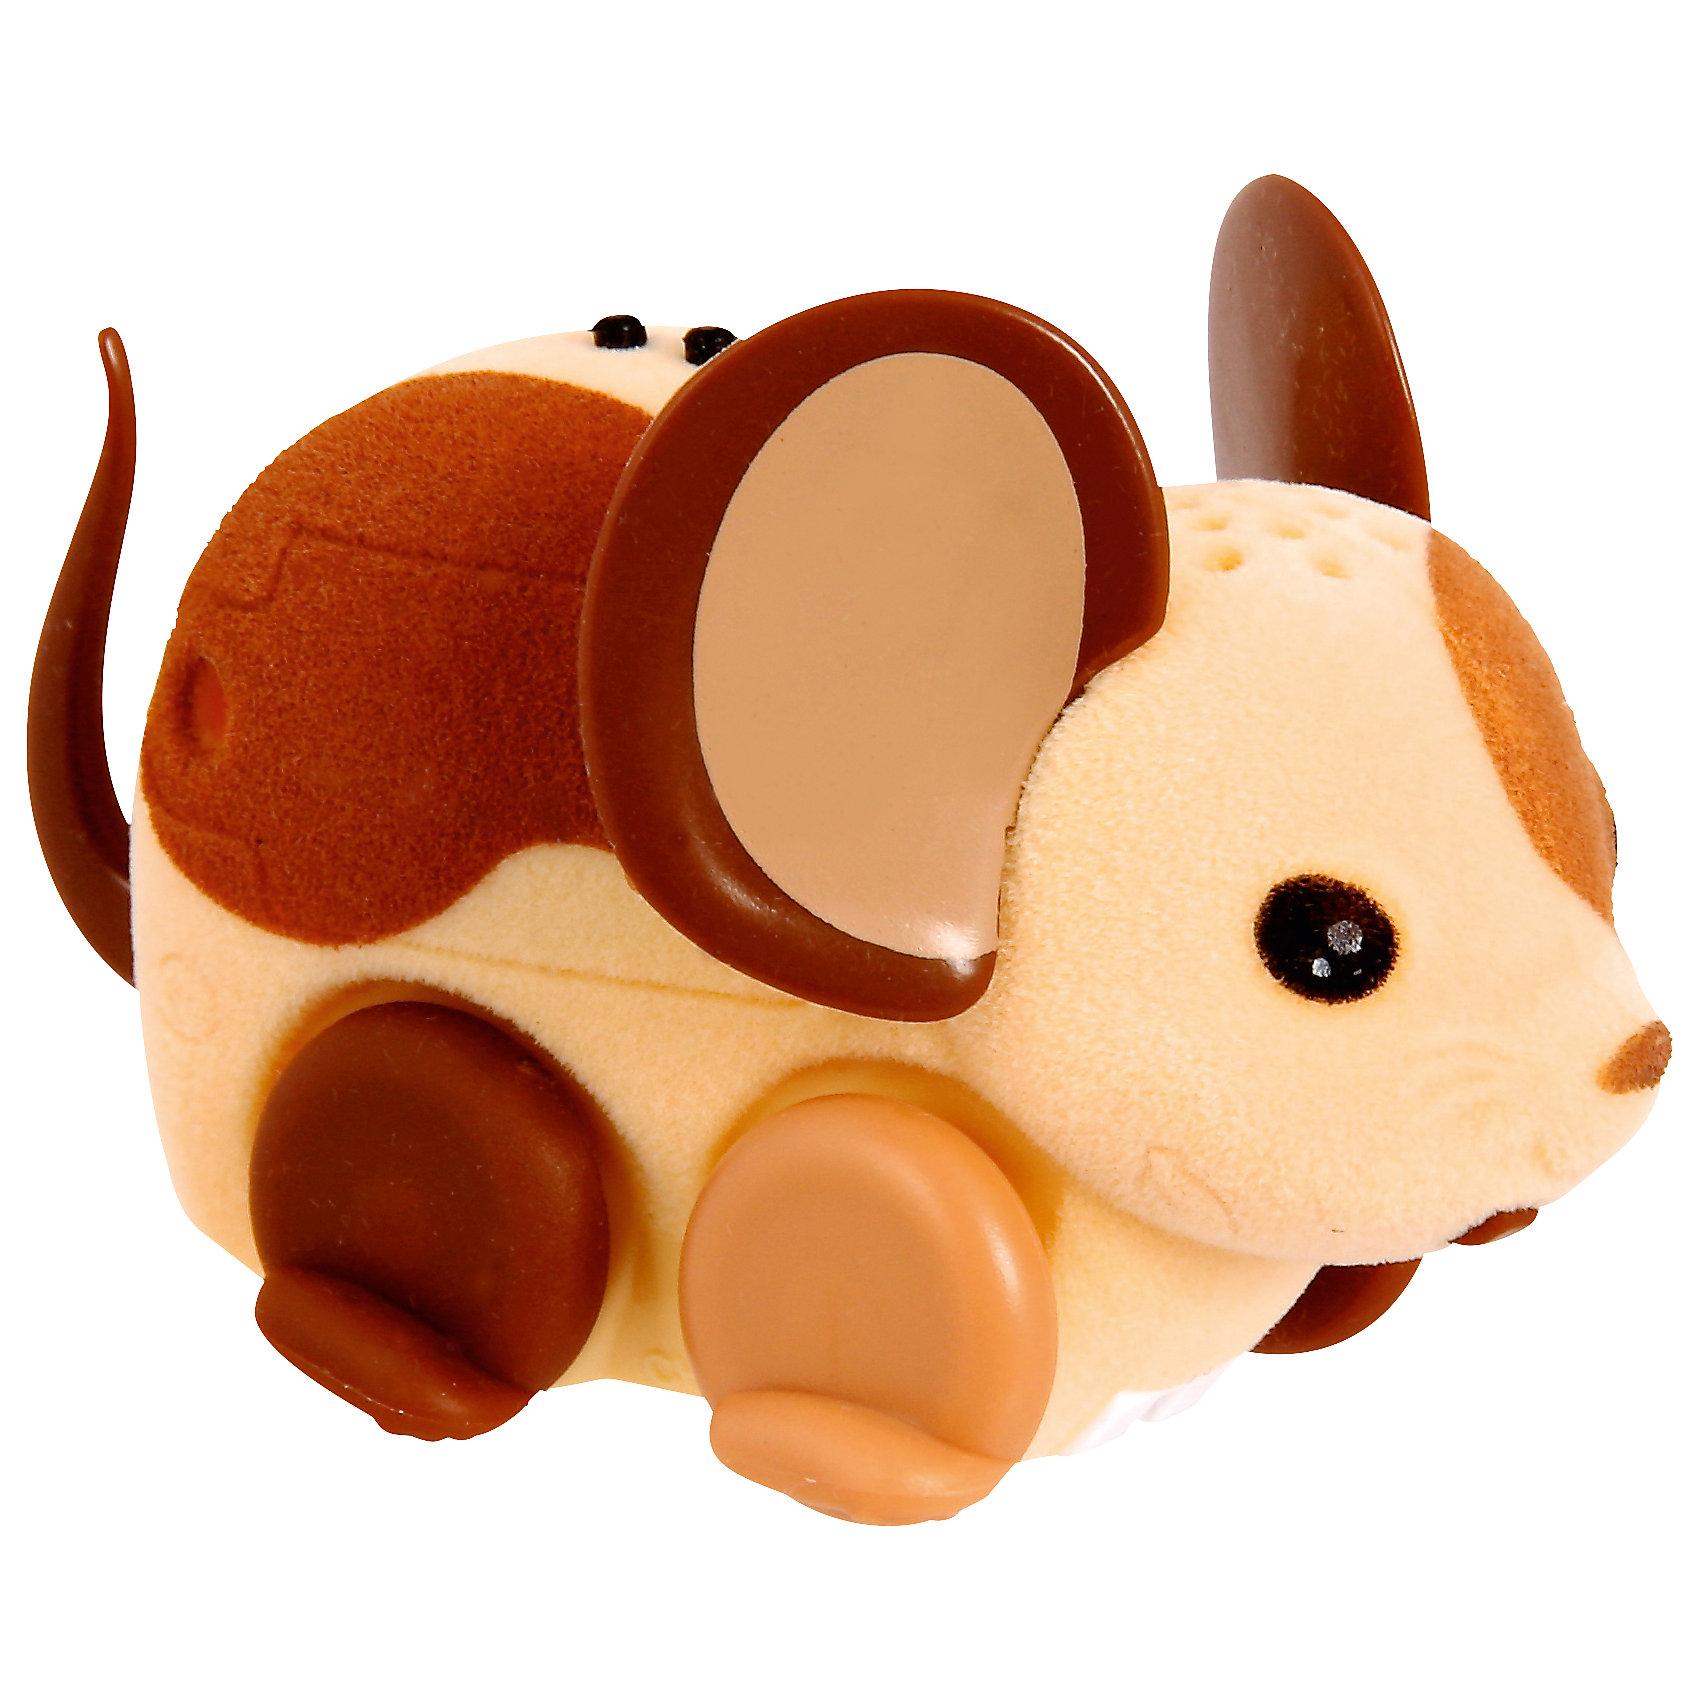 Интерактивная мышка Little Live Pets, бежево-коричневая, MooseИнтерактивные животные<br>Интерактивная мышка Little Live Pets, Moose мягкая, как настоящая мышка. Она умеет быстро двигаться и крутиться. Сенсор на спине позволяет включить игрушку с помощью поглаживания, если мышка заснула. Кнопка включения расположена в области ротика. Такая замечательная мышка обязательно вызовет интерес у малыша!<br><br>Дополнительная информация:<br>Материал: пластик, флок<br>Цвет: бежево-коричневый<br>Батарейки: AG13 (LR44) (входят в комплект)<br><br>Интерактивную мышку Little Live Pets, Moose вы можете приобрести в нашем интернет-магазине.<br><br>Ширина мм: 223<br>Глубина мм: 157<br>Высота мм: 50<br>Вес г: 78<br>Возраст от месяцев: 60<br>Возраст до месяцев: 108<br>Пол: Женский<br>Возраст: Детский<br>SKU: 4898558